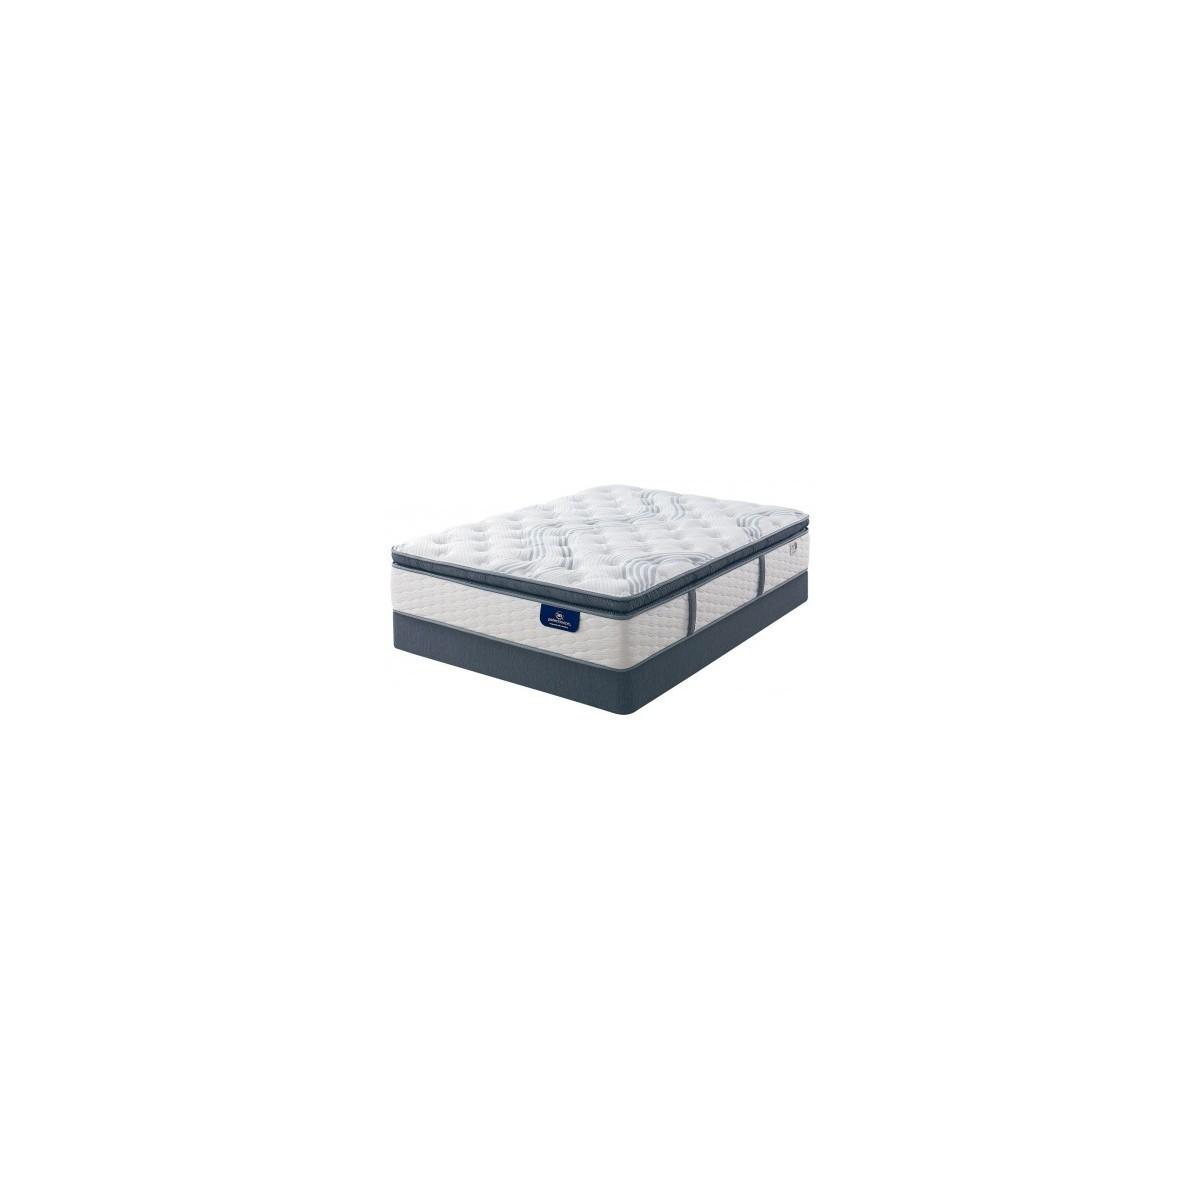 Serta Limited Edition Euro Tray Mattress